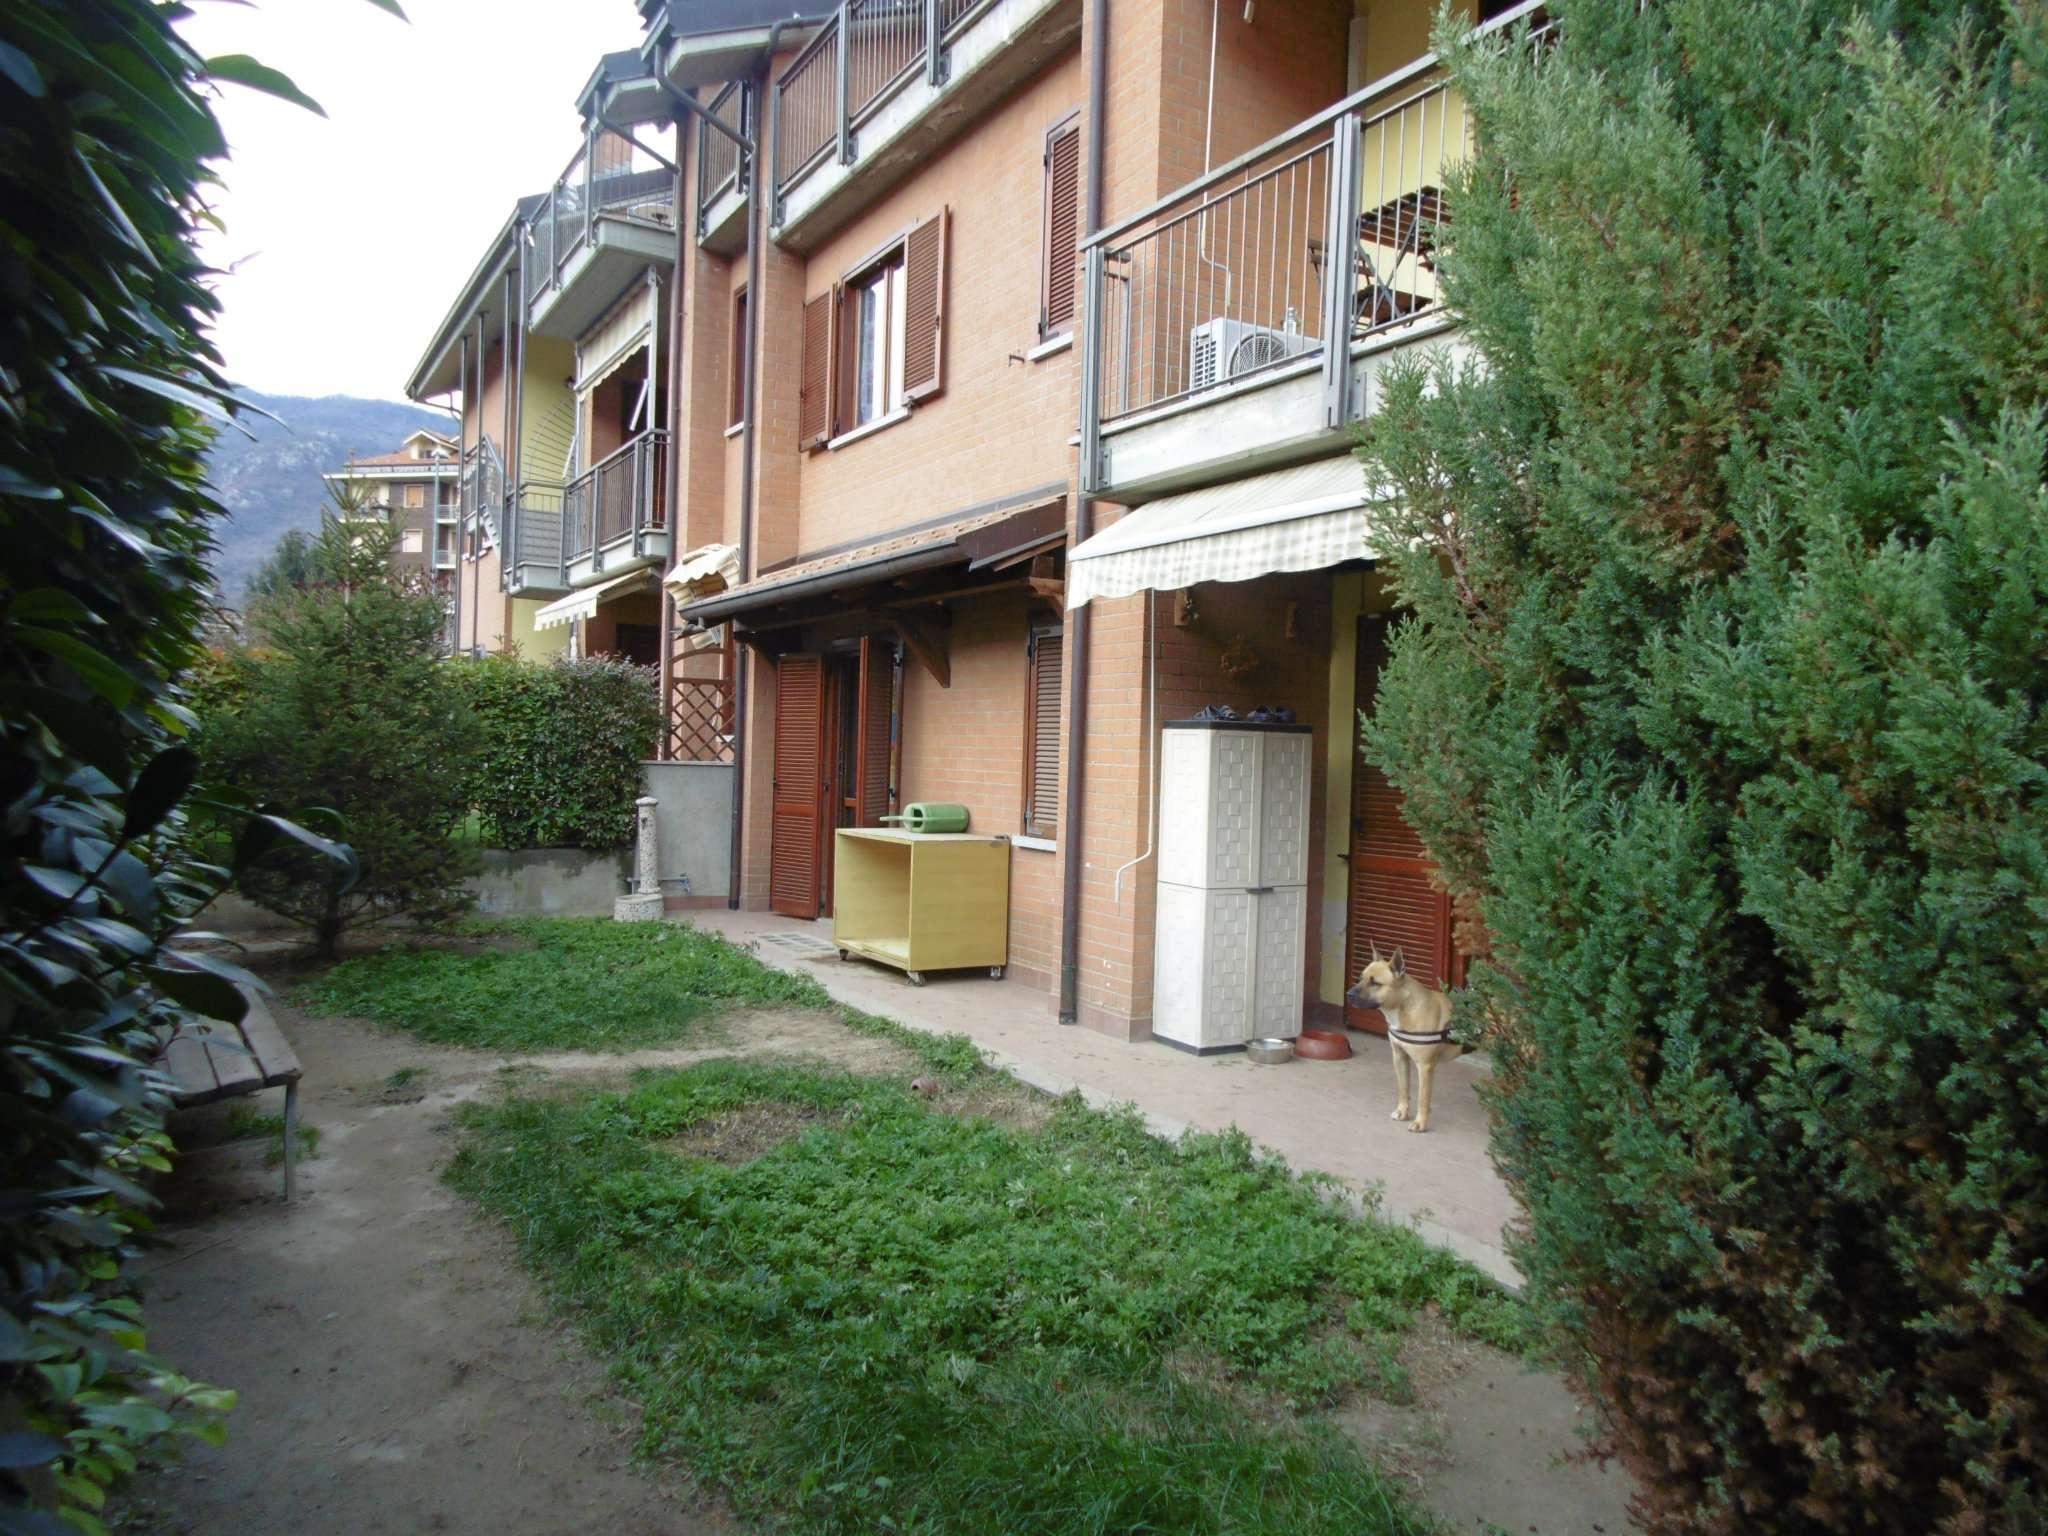 Appartamento in vendita a Condove, 3 locali, prezzo € 159.000 | CambioCasa.it